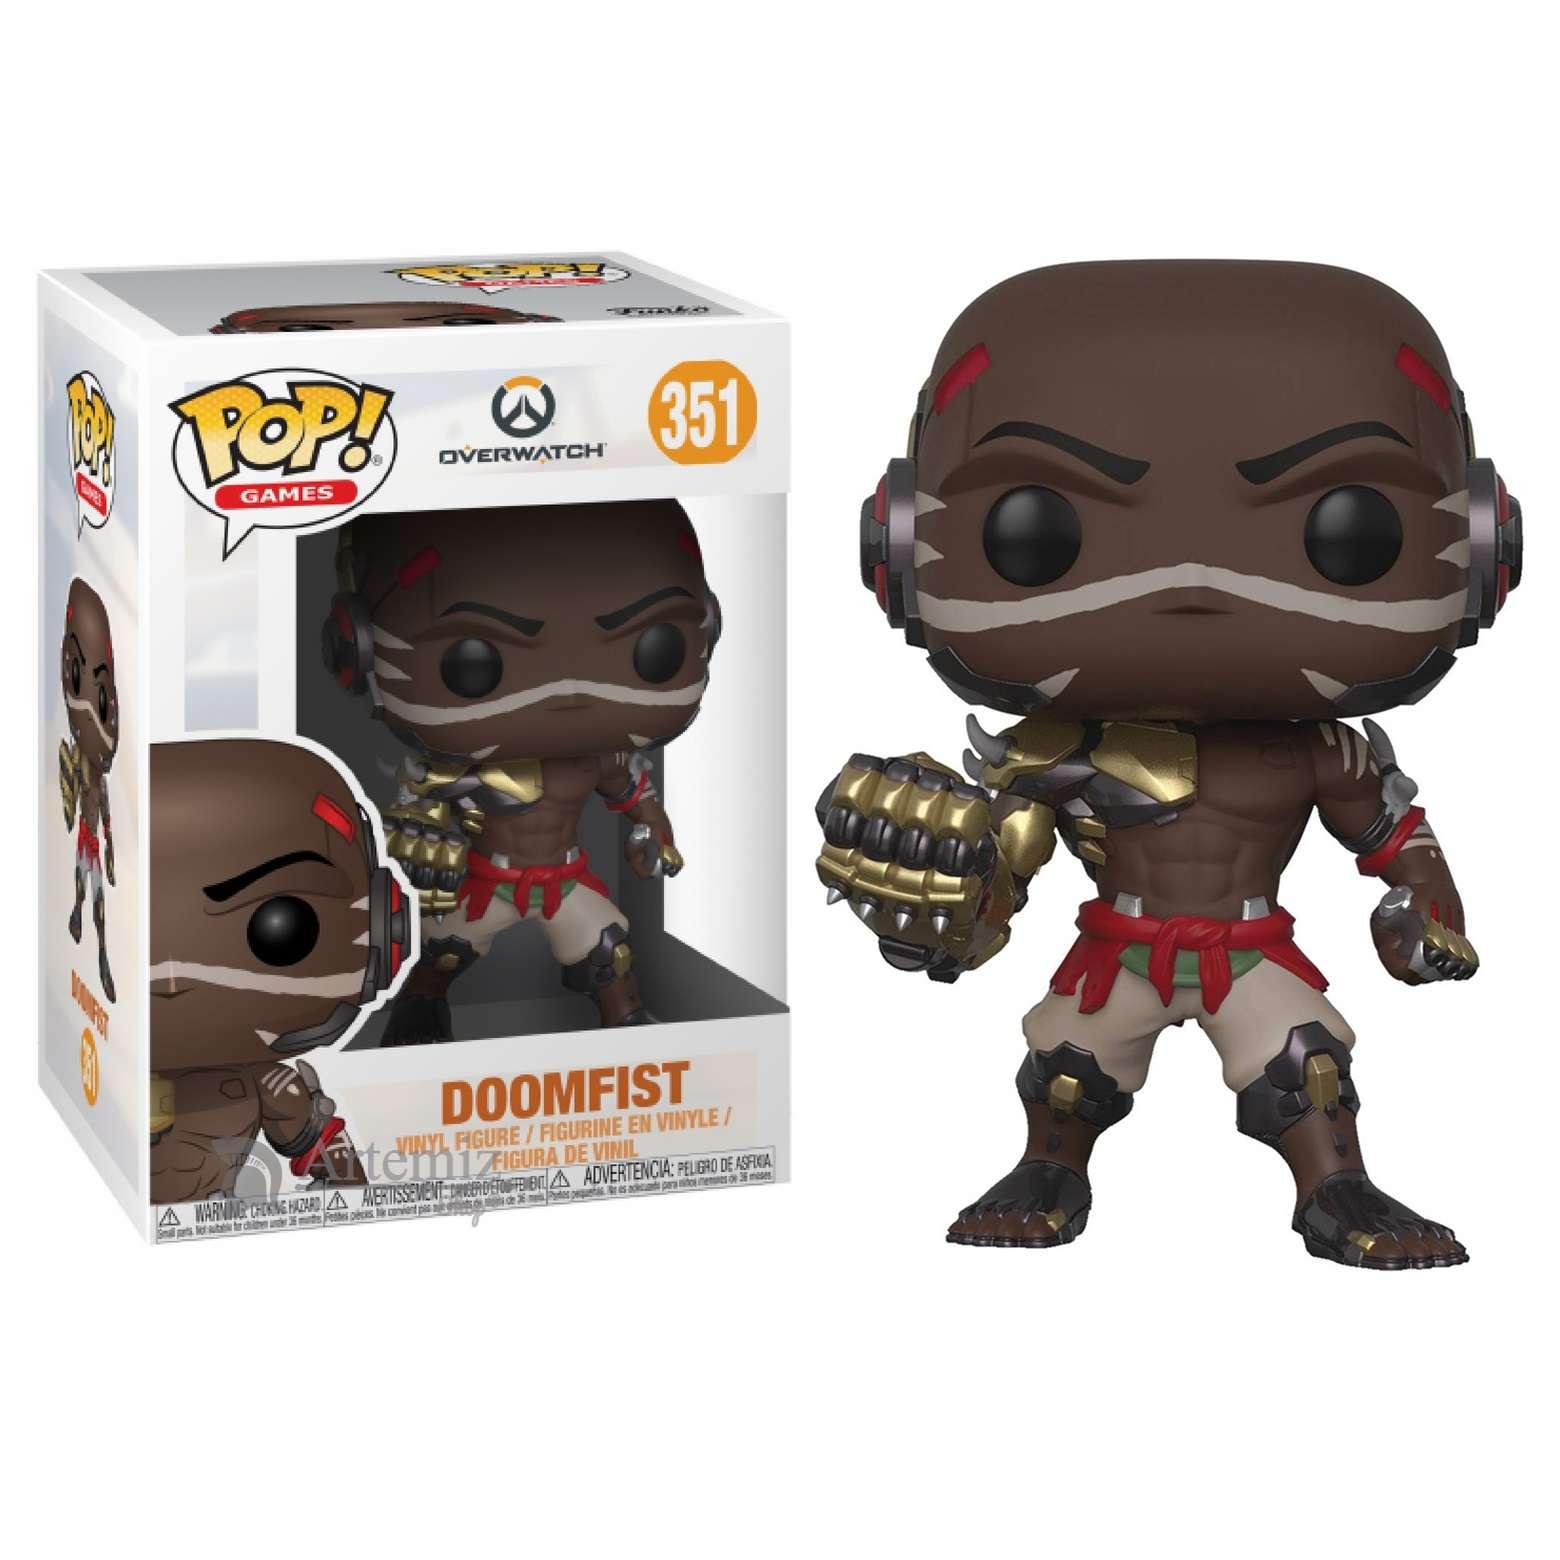 POP!: Overwatch - Doomfist Photo